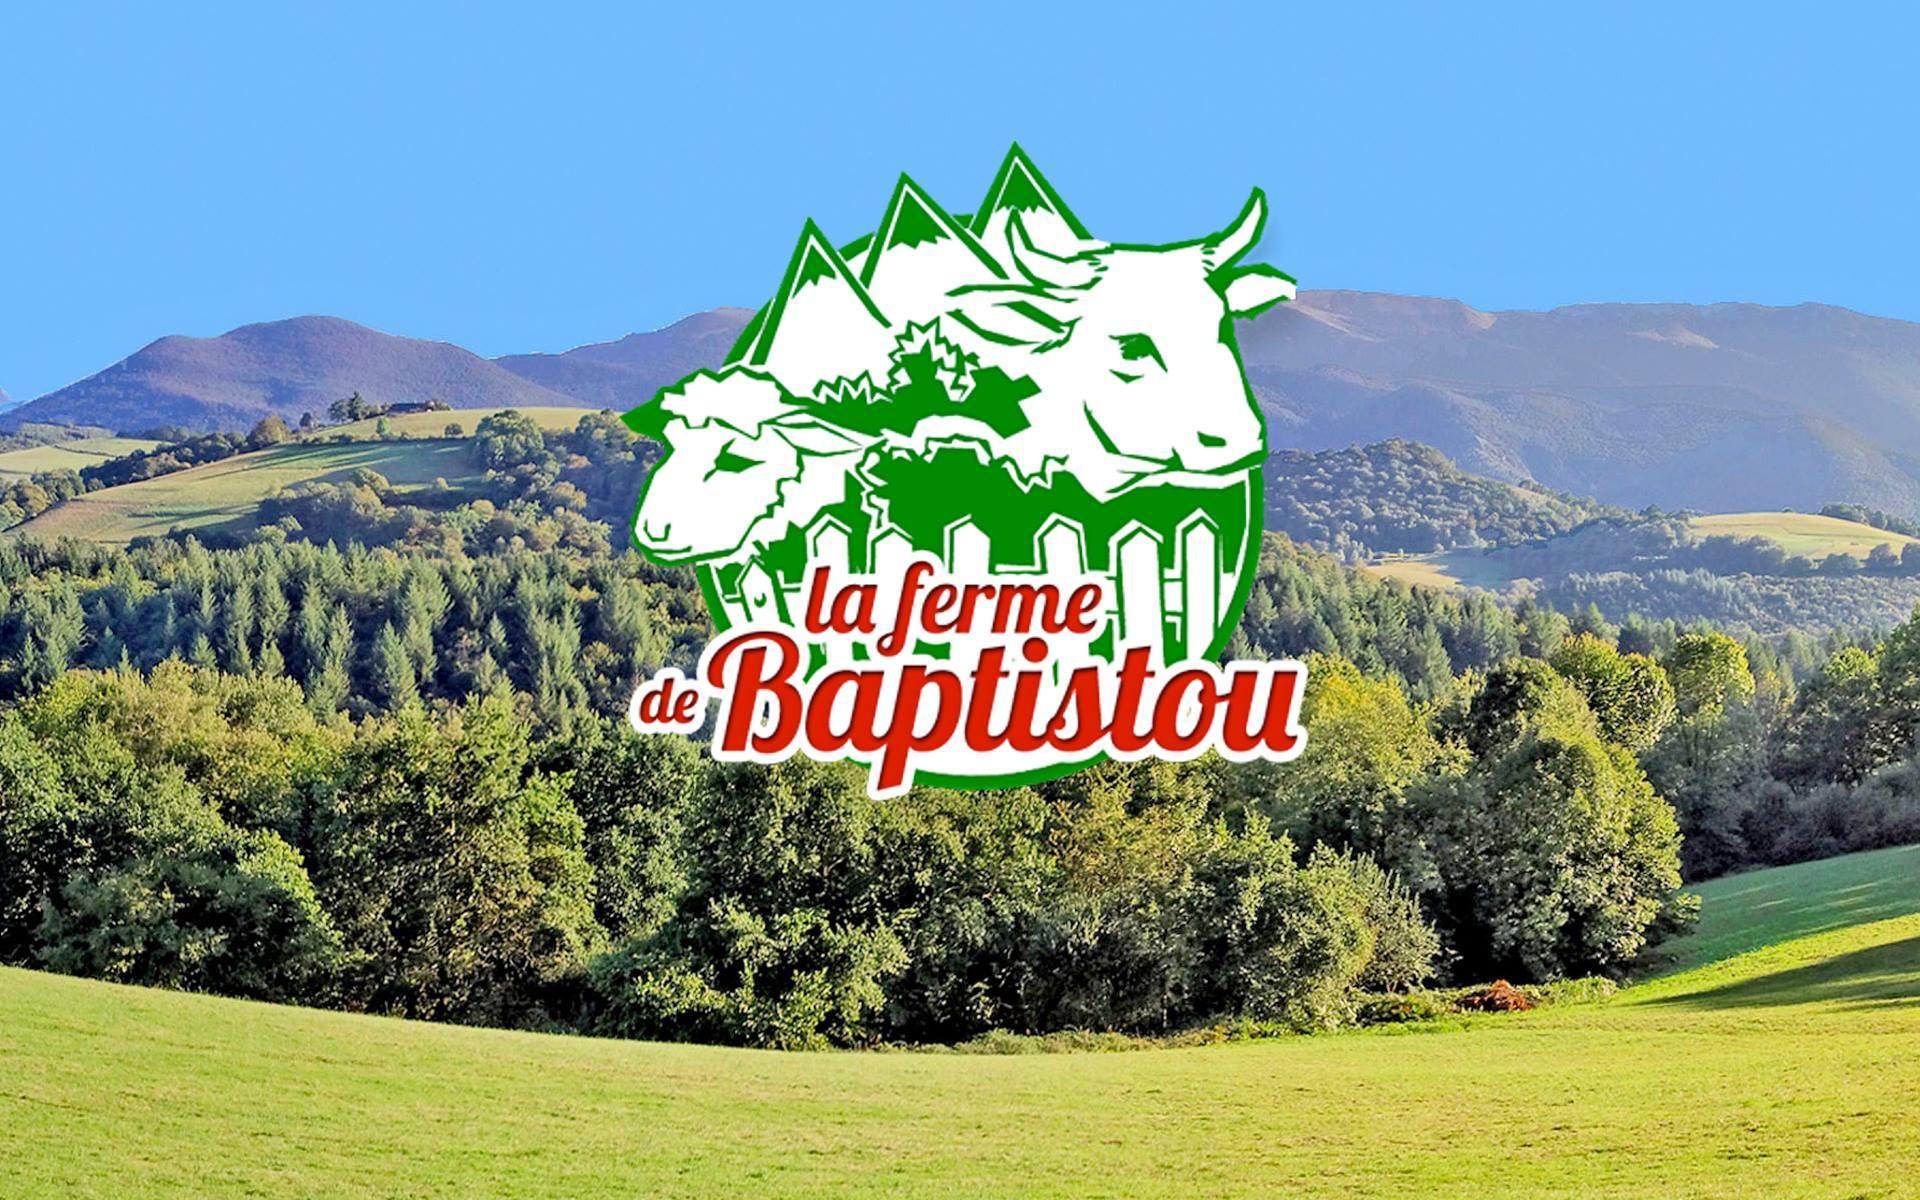 LA FERME DE BAPTISTOU